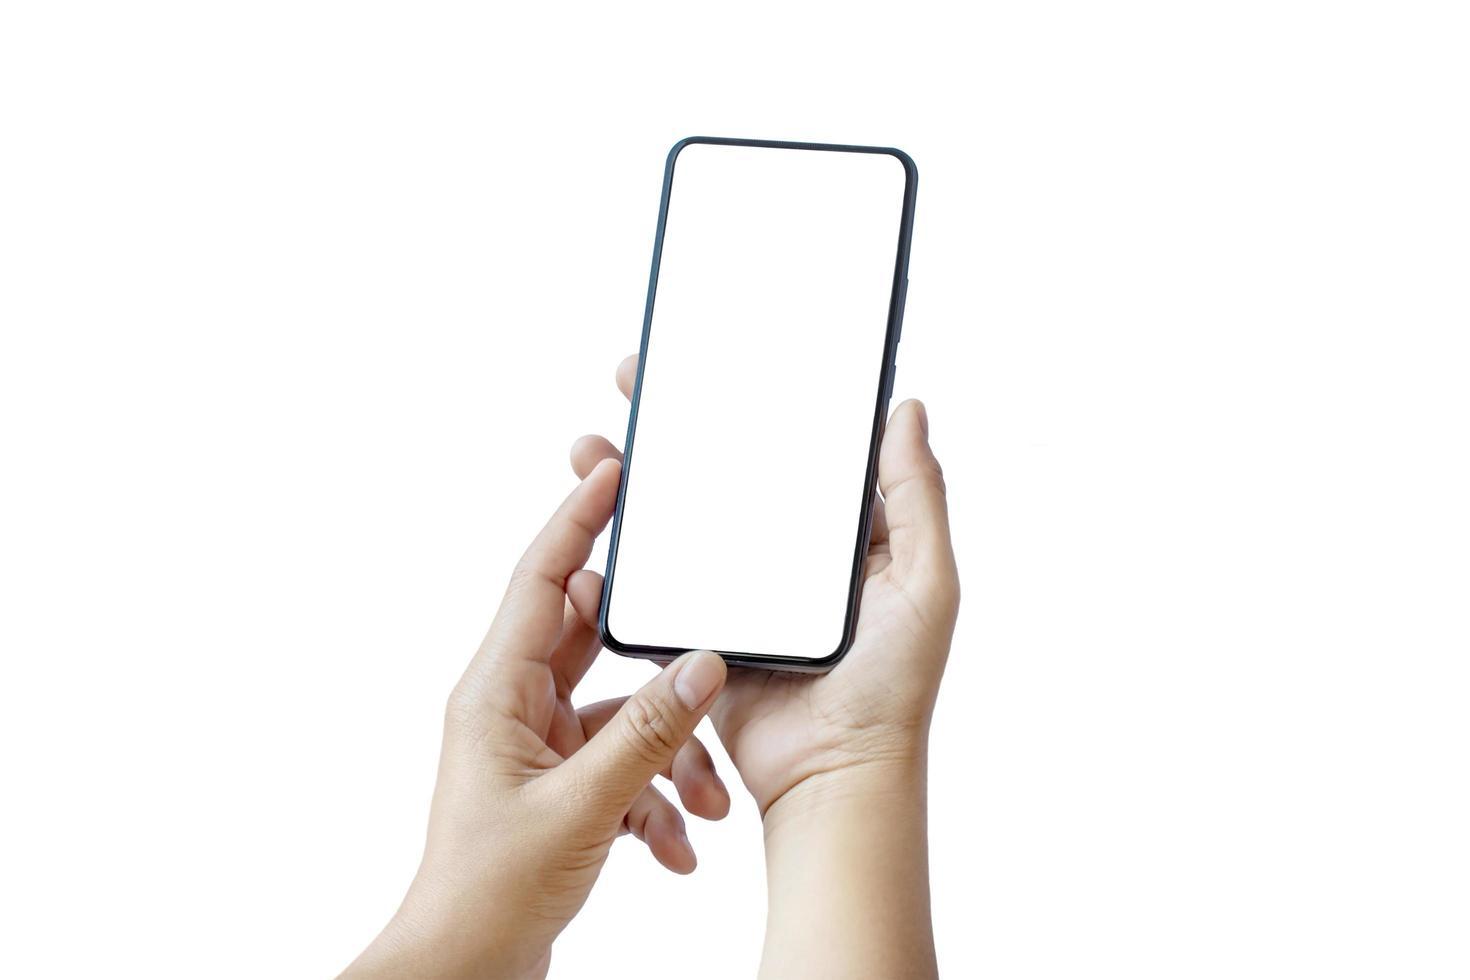 båda händerna arbetar på en smartphone med modern design och en tom skärm separat på en vit bakgrund med urklippsbanan foto